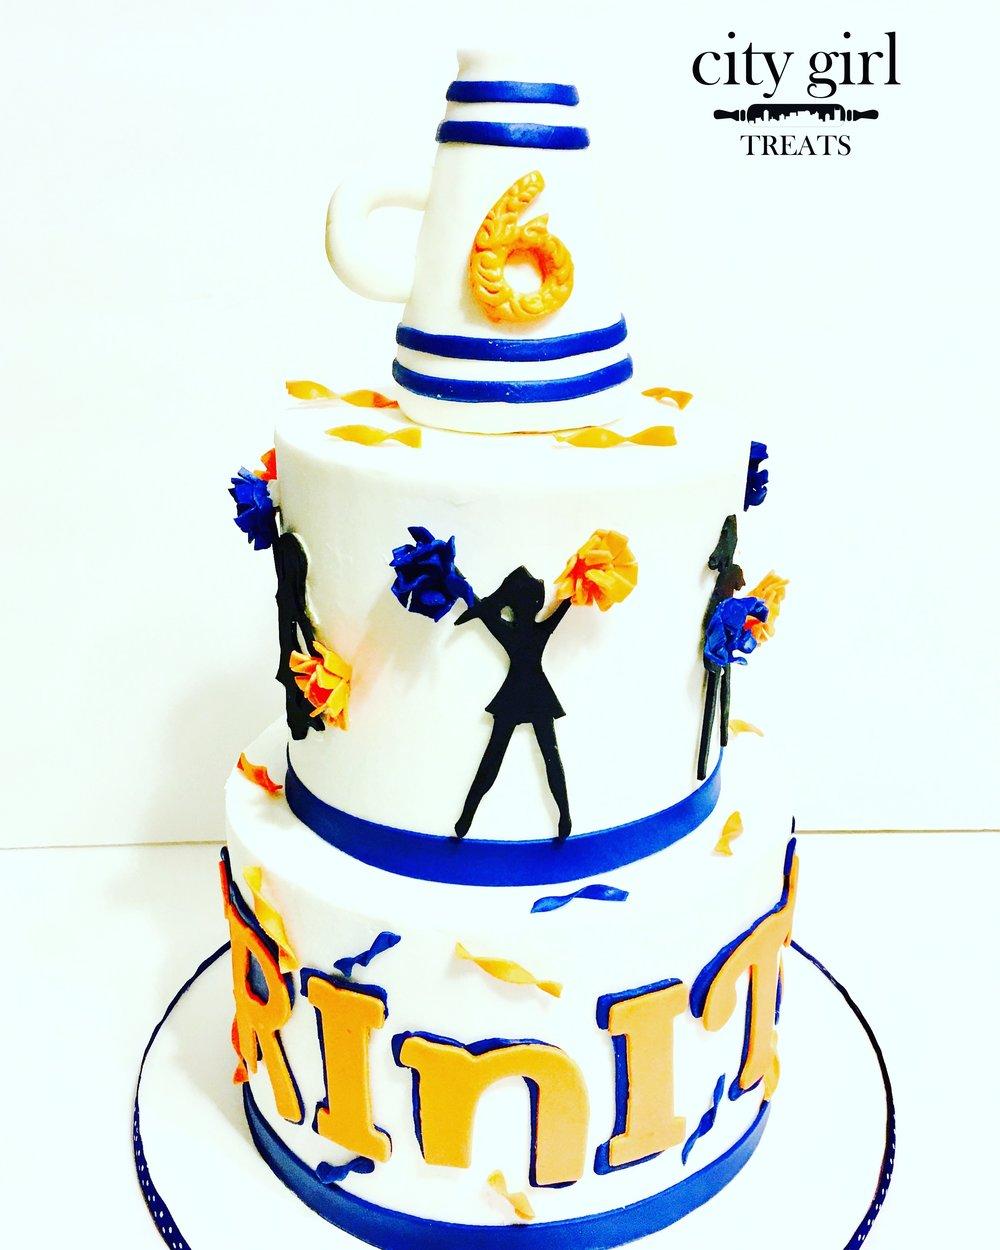 Cheer Cake Nashville TN City Girl Treats